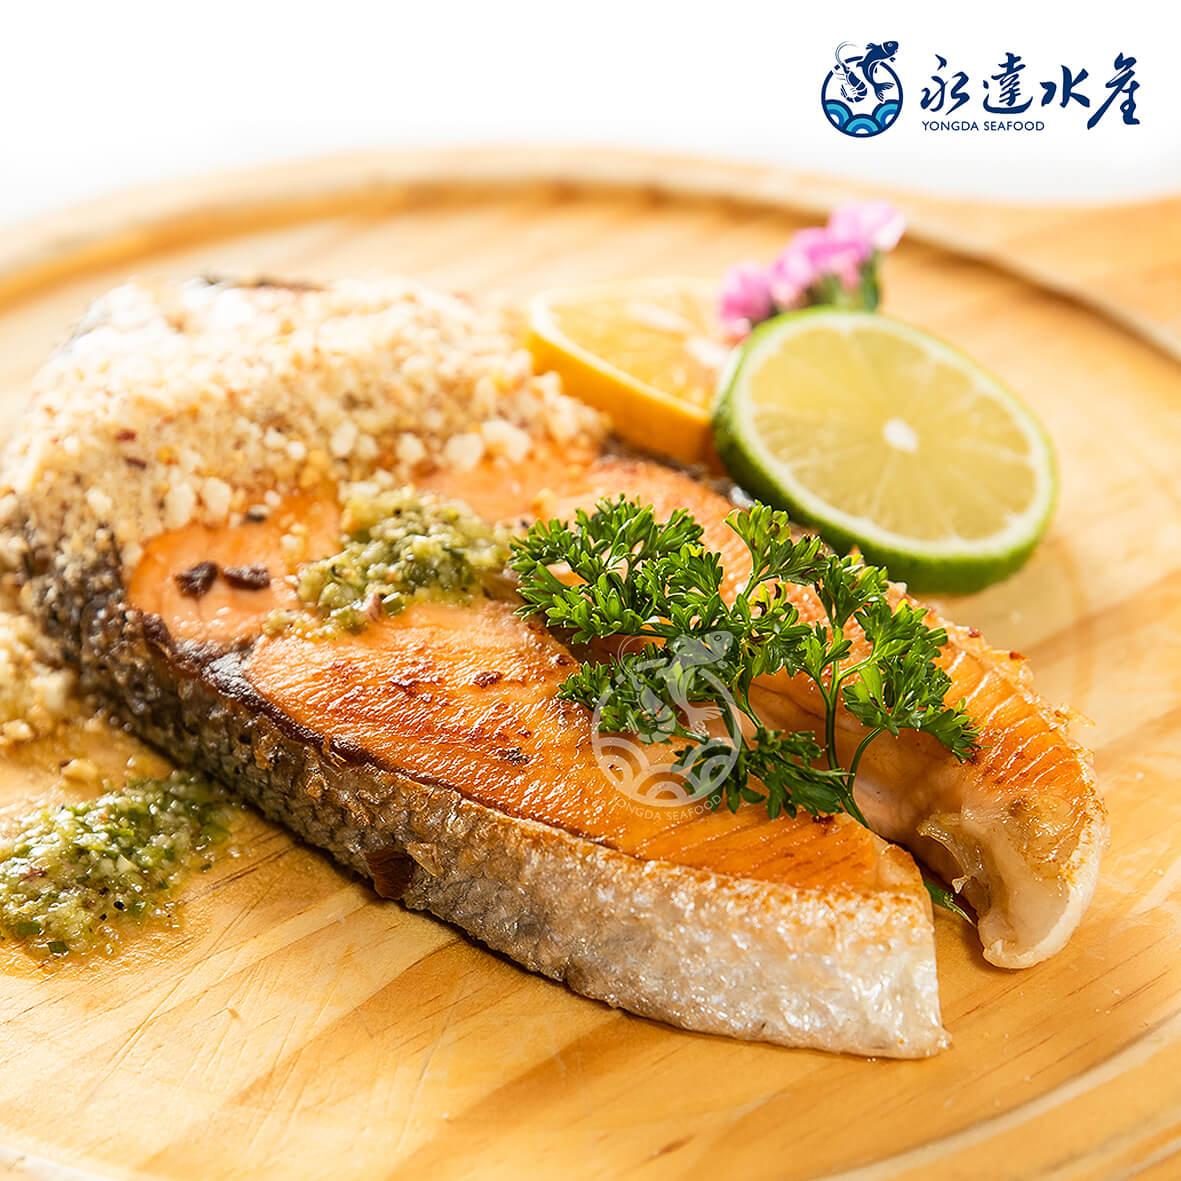 水產|海鮮|智利厚切鮭魚片|鮭魚|三文魚|魚肉|魚|魚片|魚排|OMEGA-3